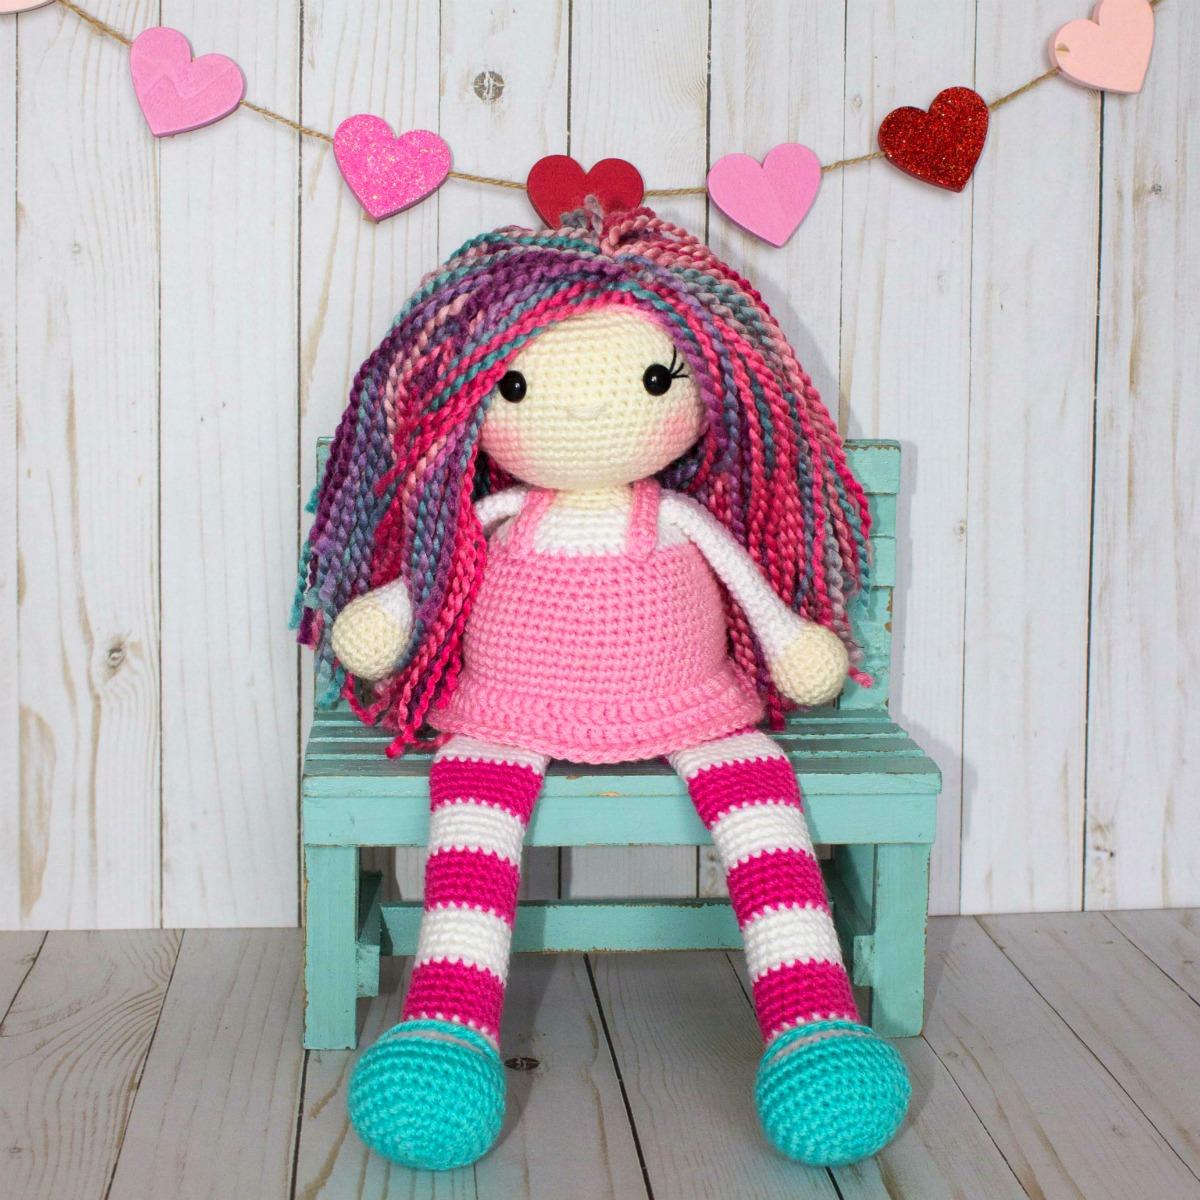 15028 Best amiguruini images in 2020 | Crochet, Crochet dolls, Dolls | 1200x1200